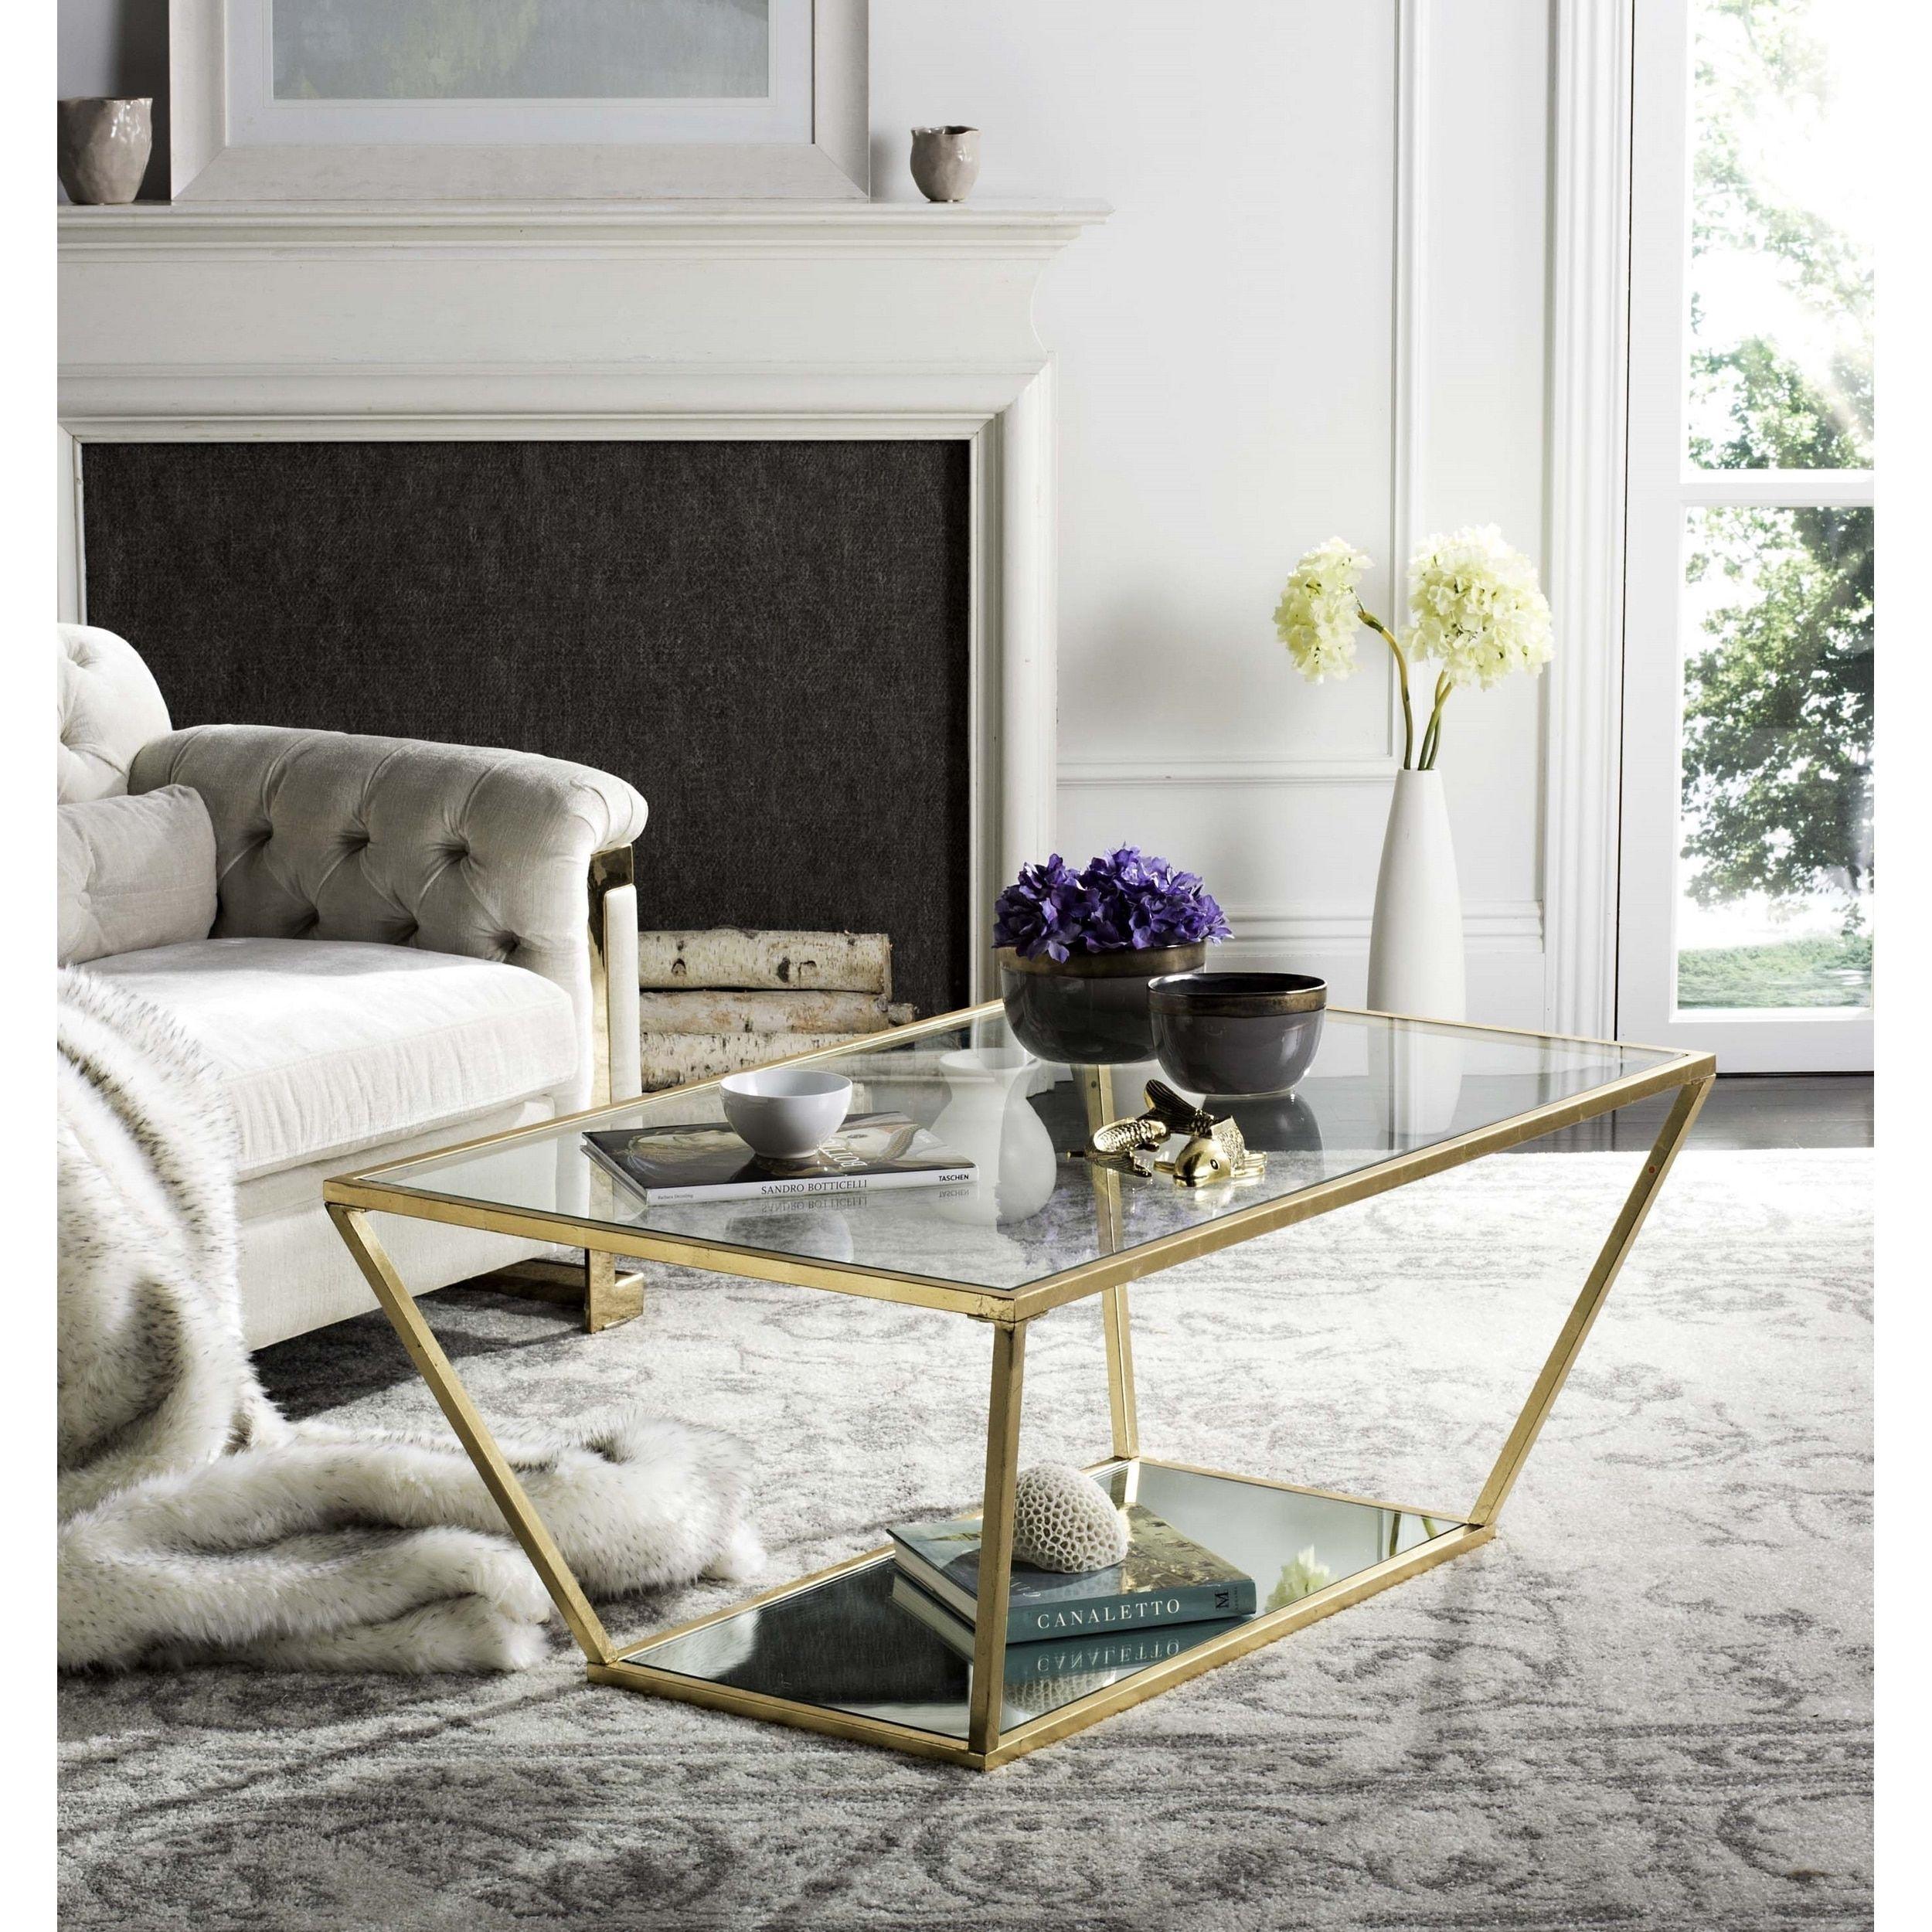 Zola Glass Coffee Table Chrome Safavieh Coffee Table Glass Coffee Table Contemporary Coffee Table [ 1000 x 1000 Pixel ]